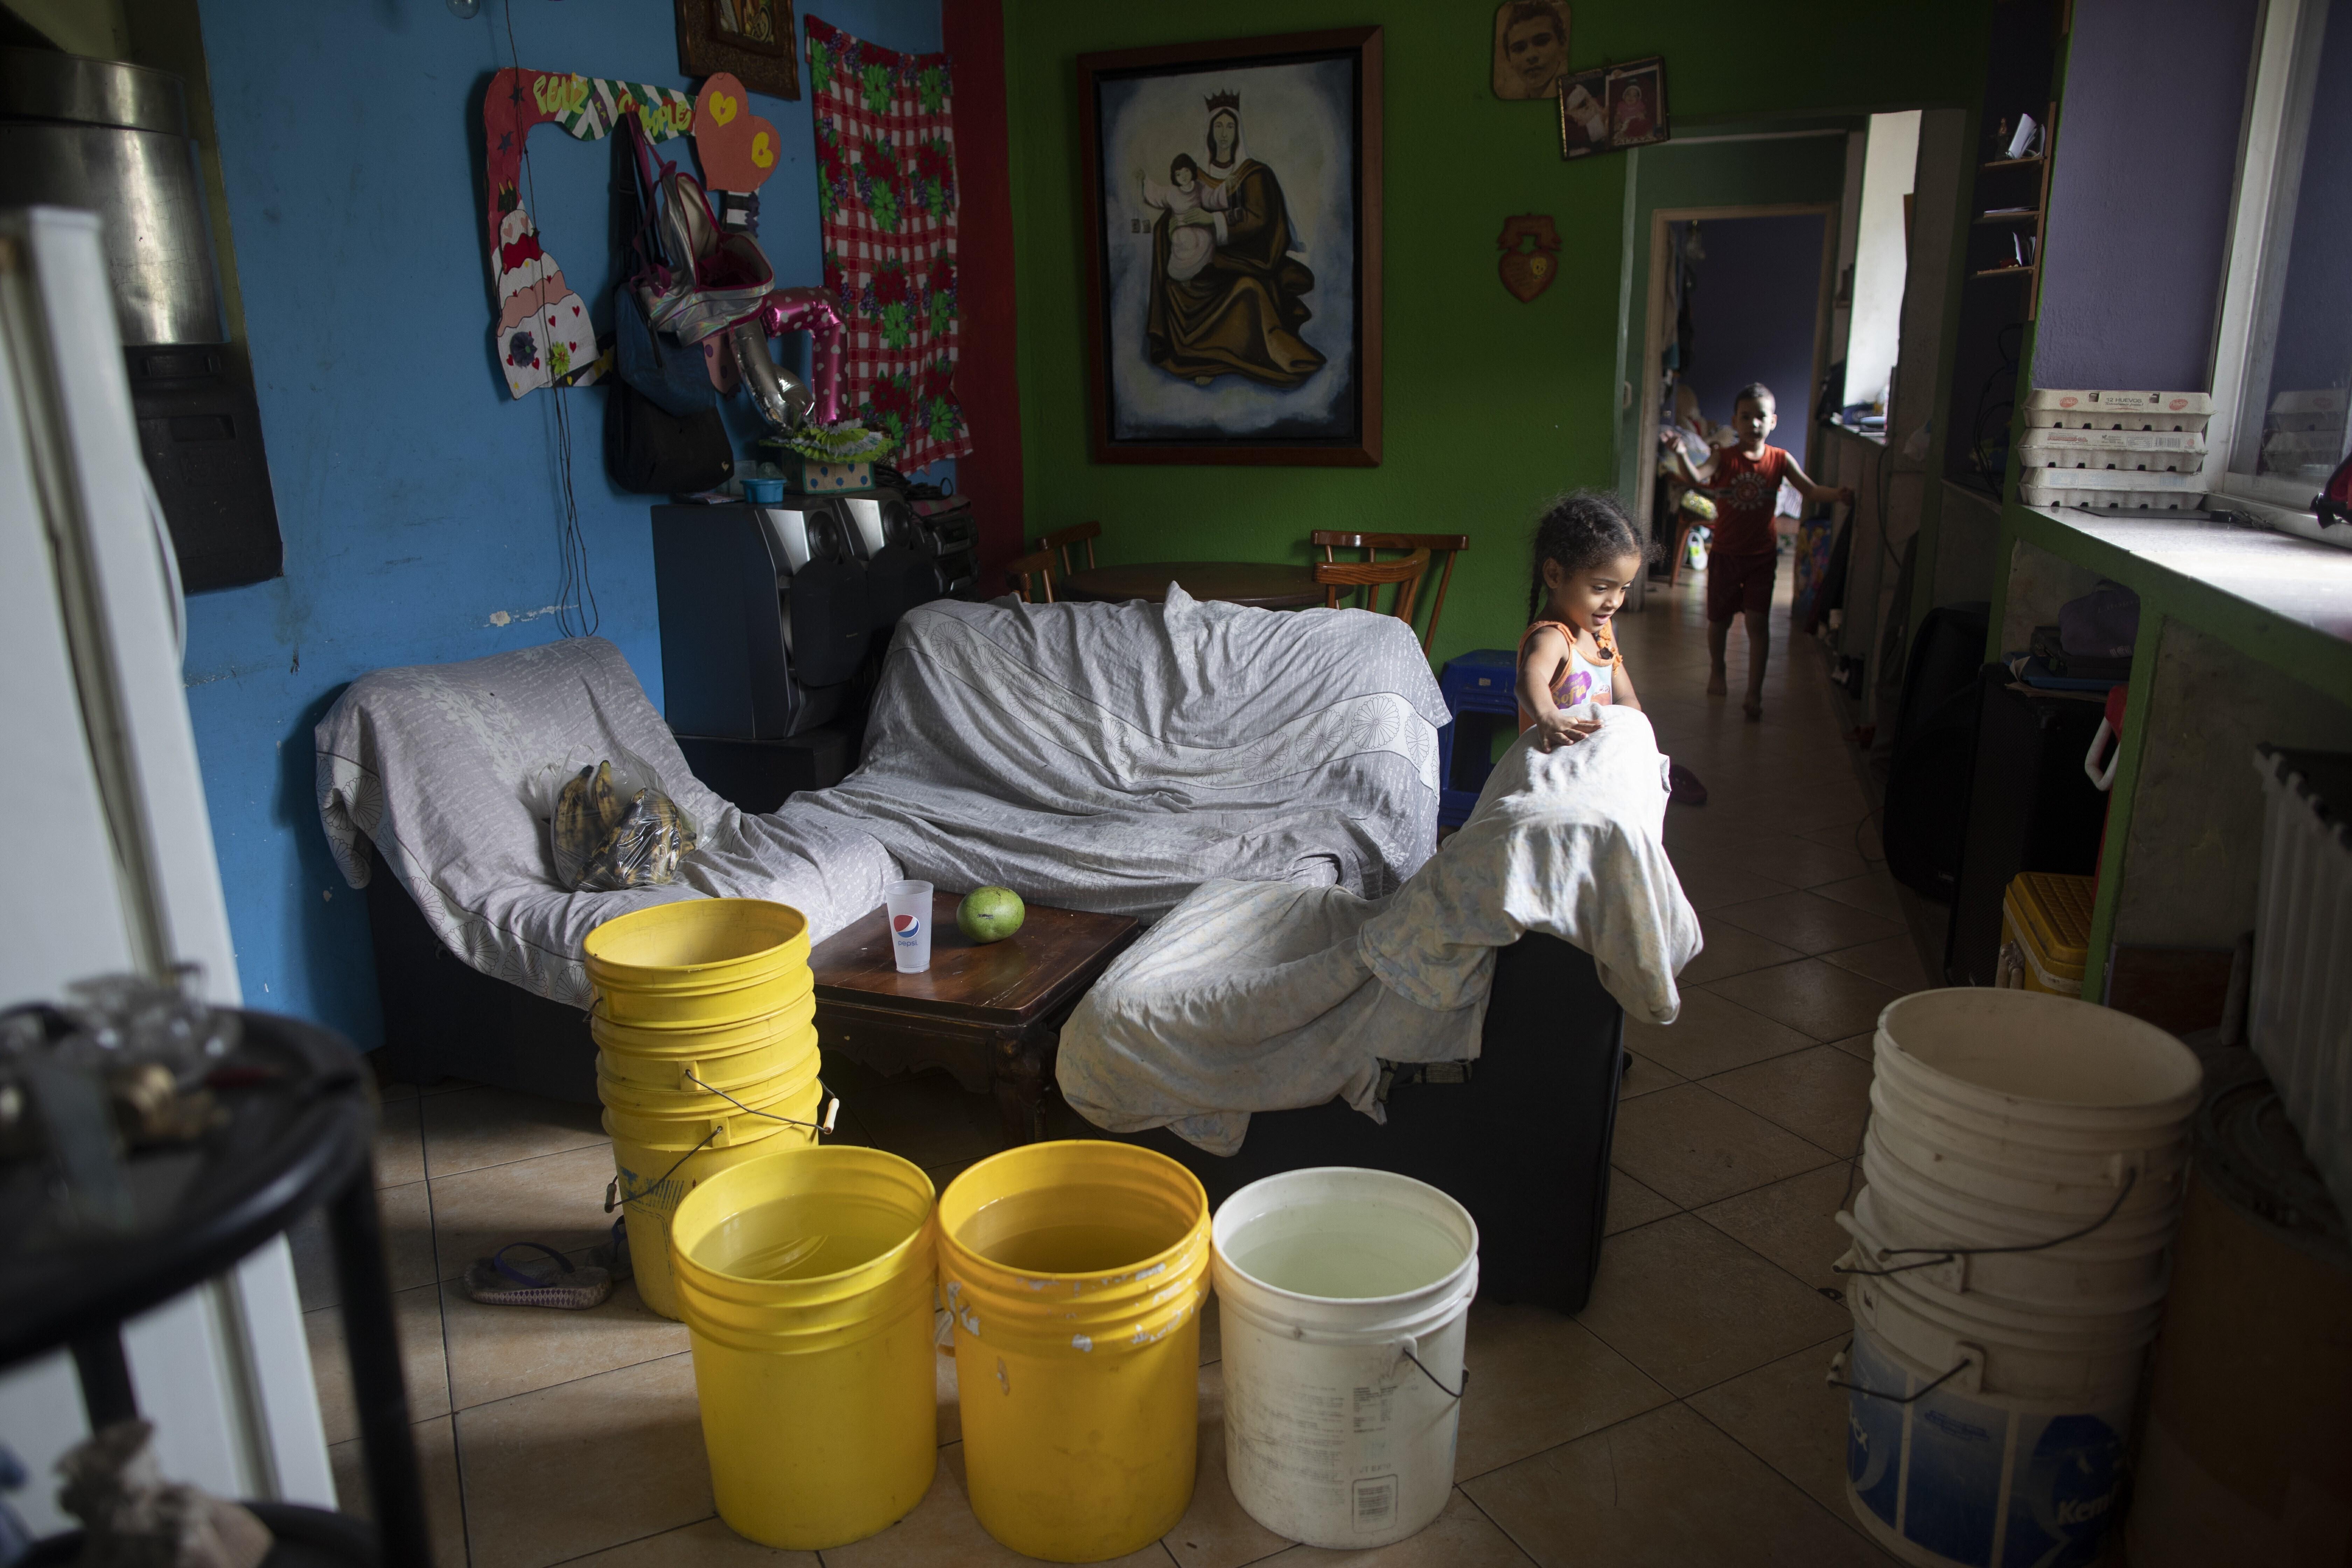 Varios cubos, algunos de ellos llenos con agua proporcionada por un camión cisterna gubernamental, en la sala de estar de una casa en el vecindario de Petare, en Caracas, Venezuela, el 15 de junio de 2020. El colapso económico de Venezuela ha dejado a la mayoría de los hogares sin un suministro de agua corriente confiable. (AP Foto/Ariana Cubillos)